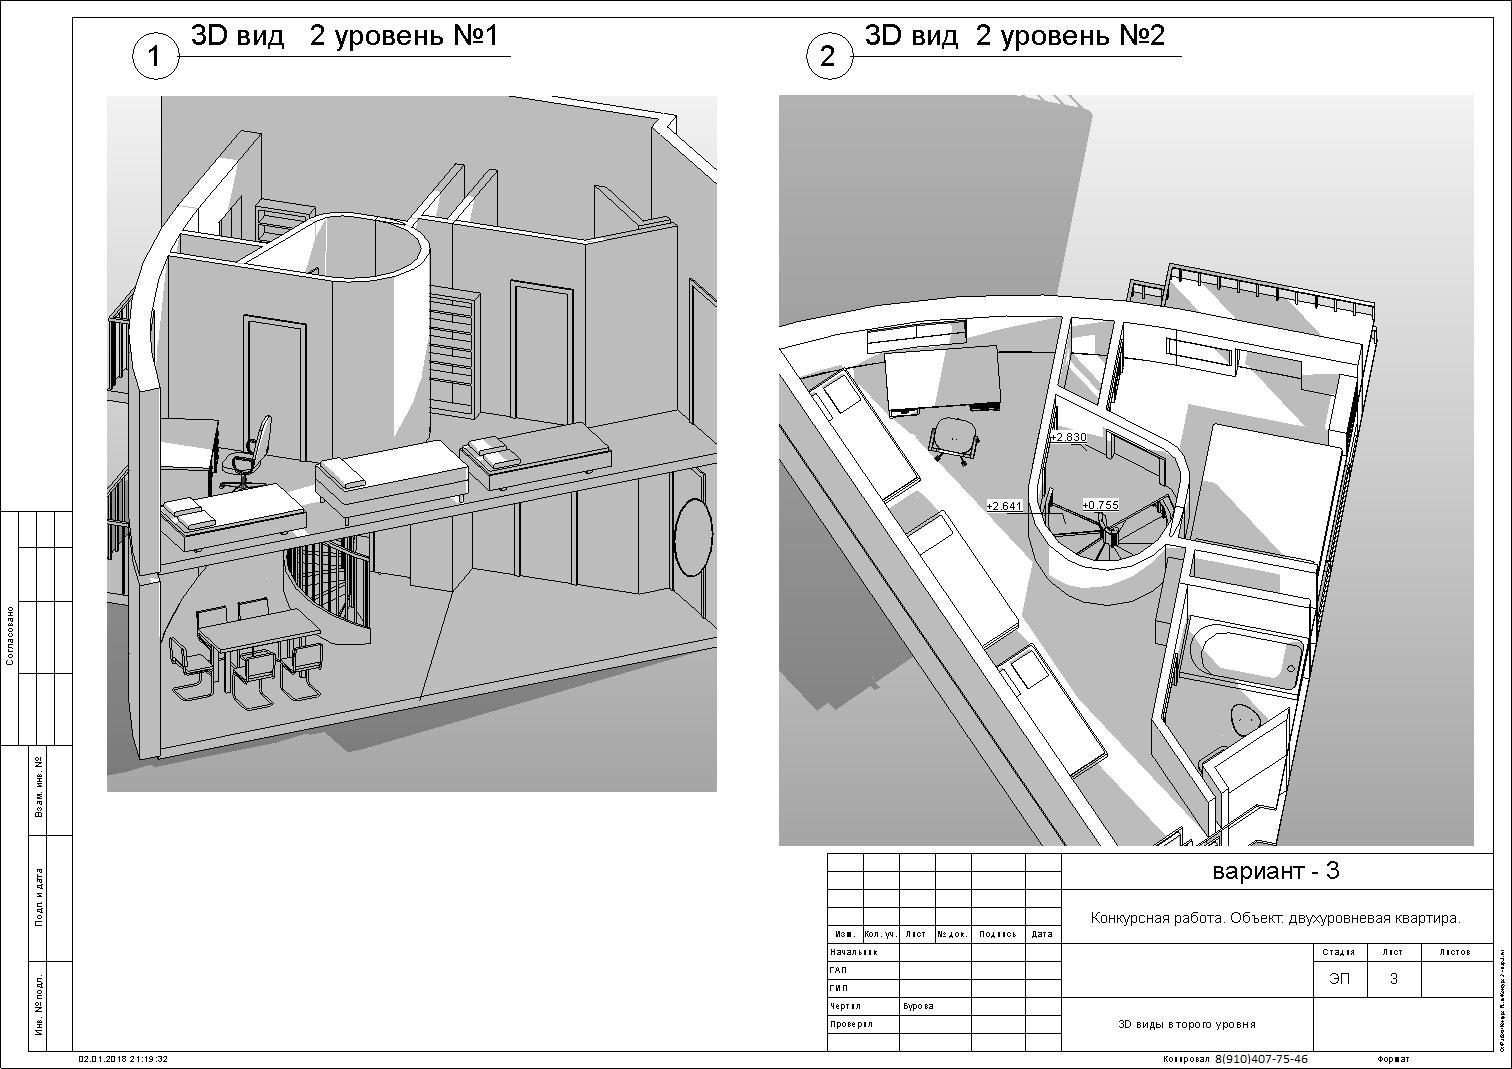 Планировочное решение для 2-уровневой кв.37,5м фото f_7405a4bce2792641.jpg